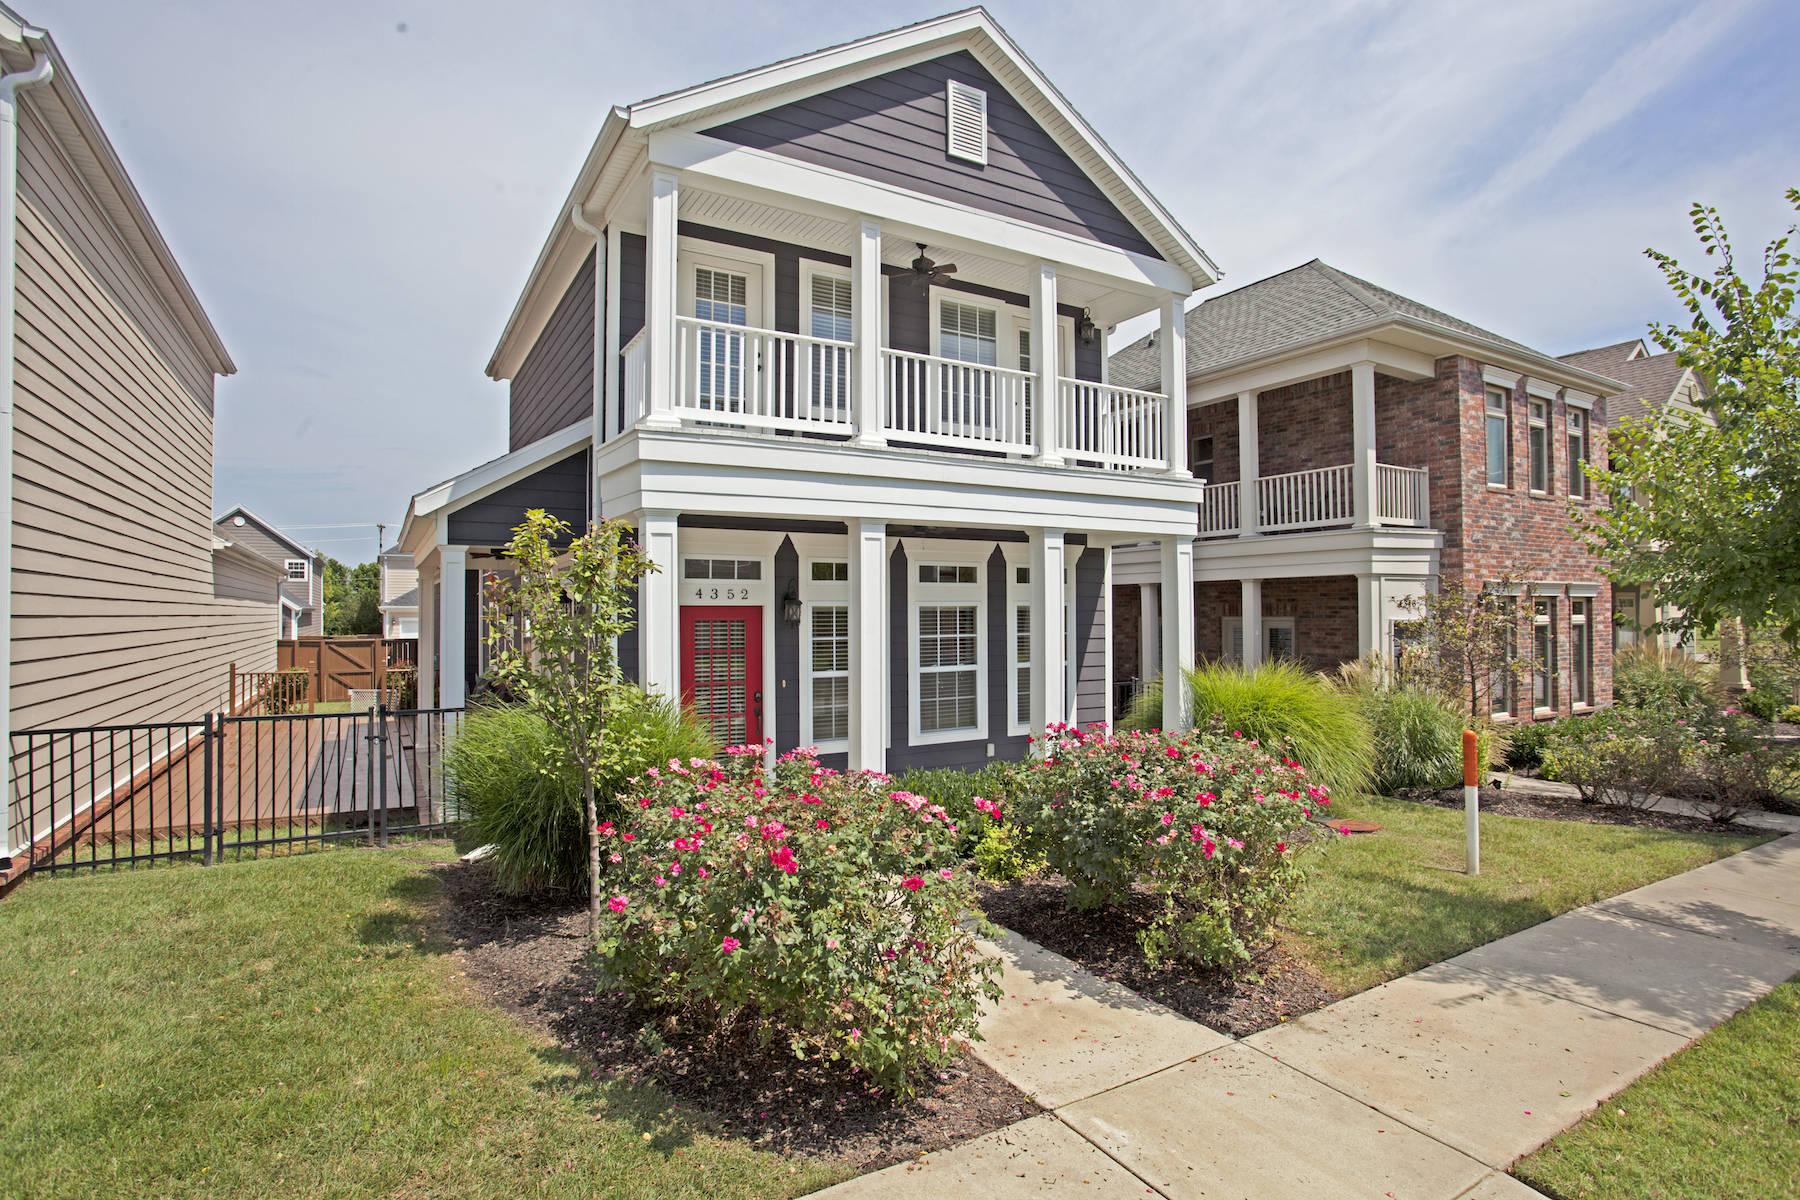 4352 canna ln fayetteville ar garden home in lakewood for Home builders in fayetteville ar